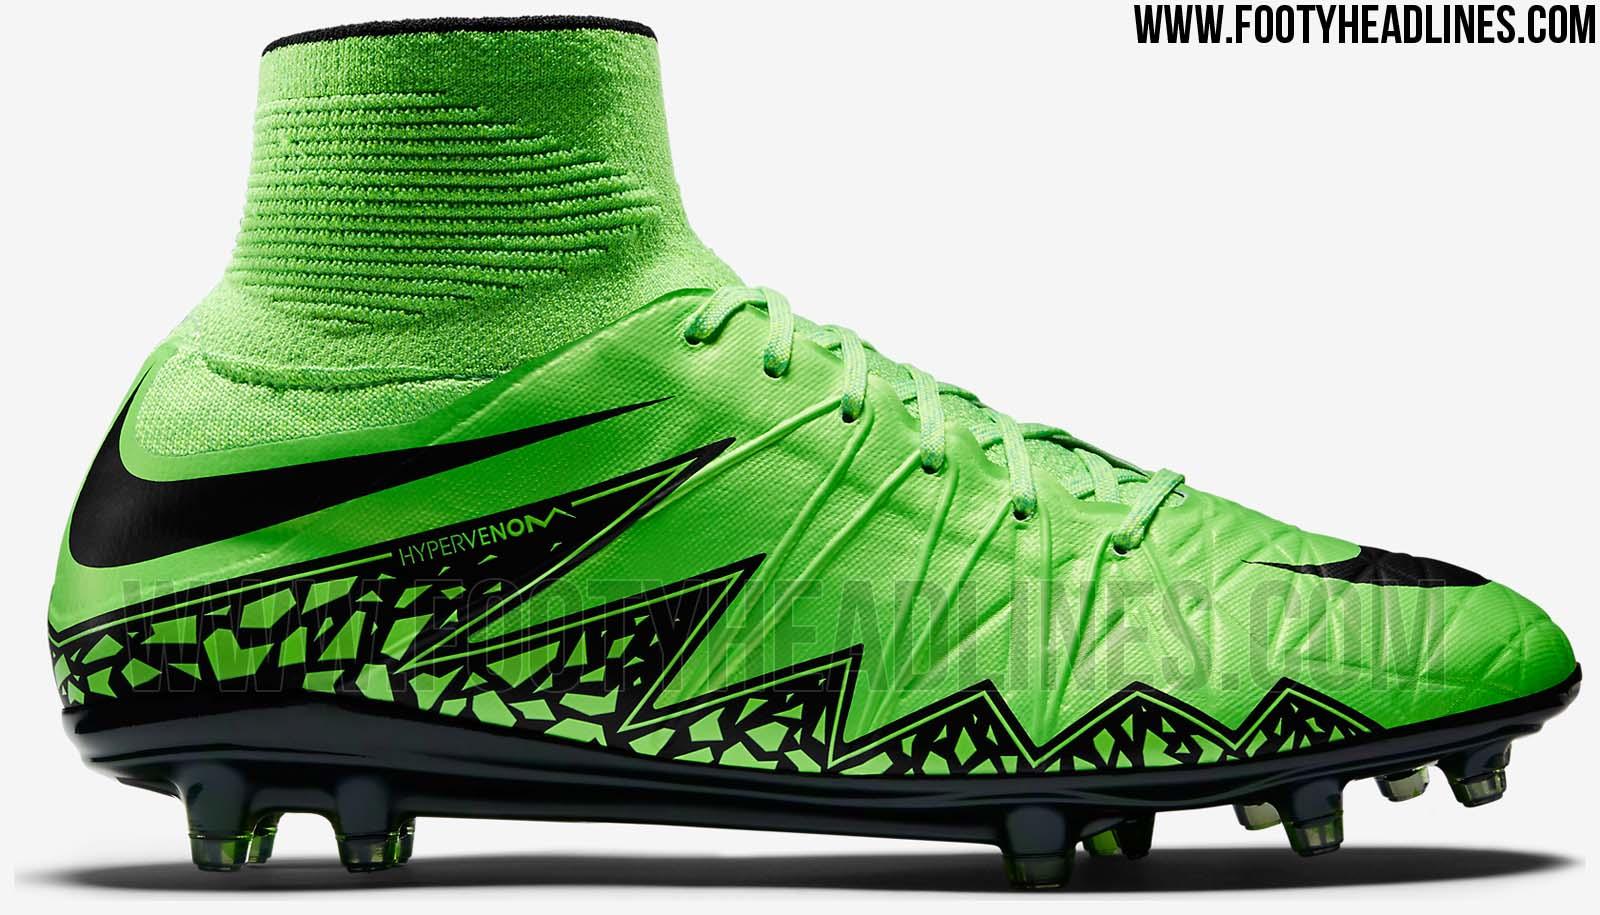 Grüne Nike Hypervenom II 2015 Fußballschuhe veröffentlicht ...